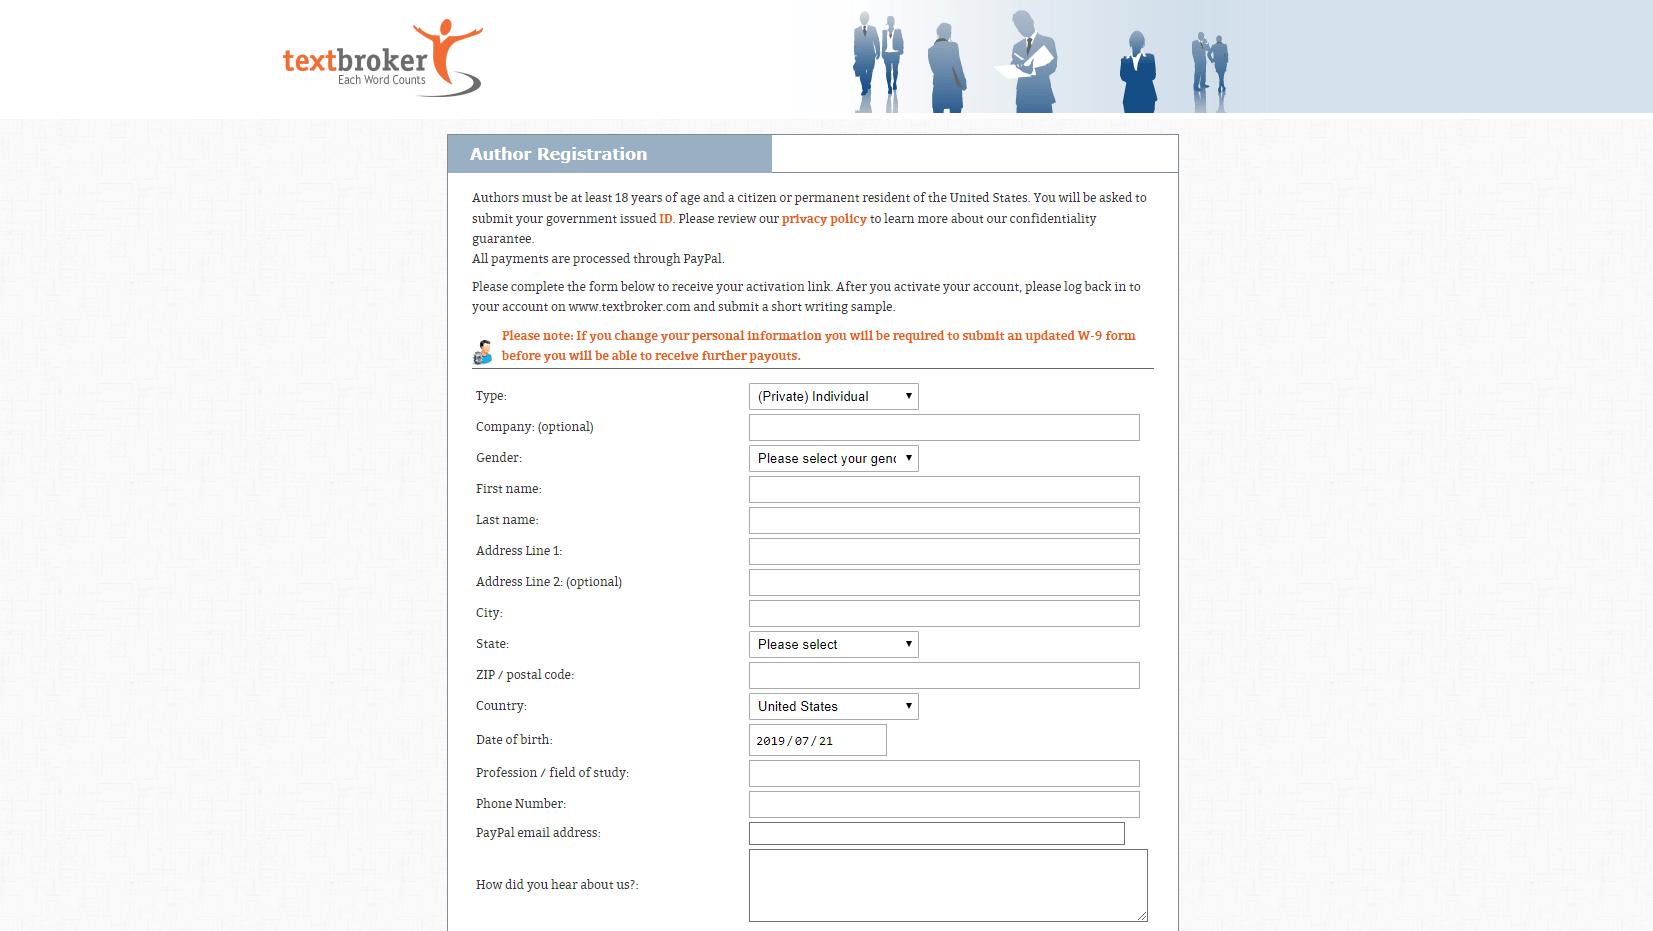 TextBroker registering as author